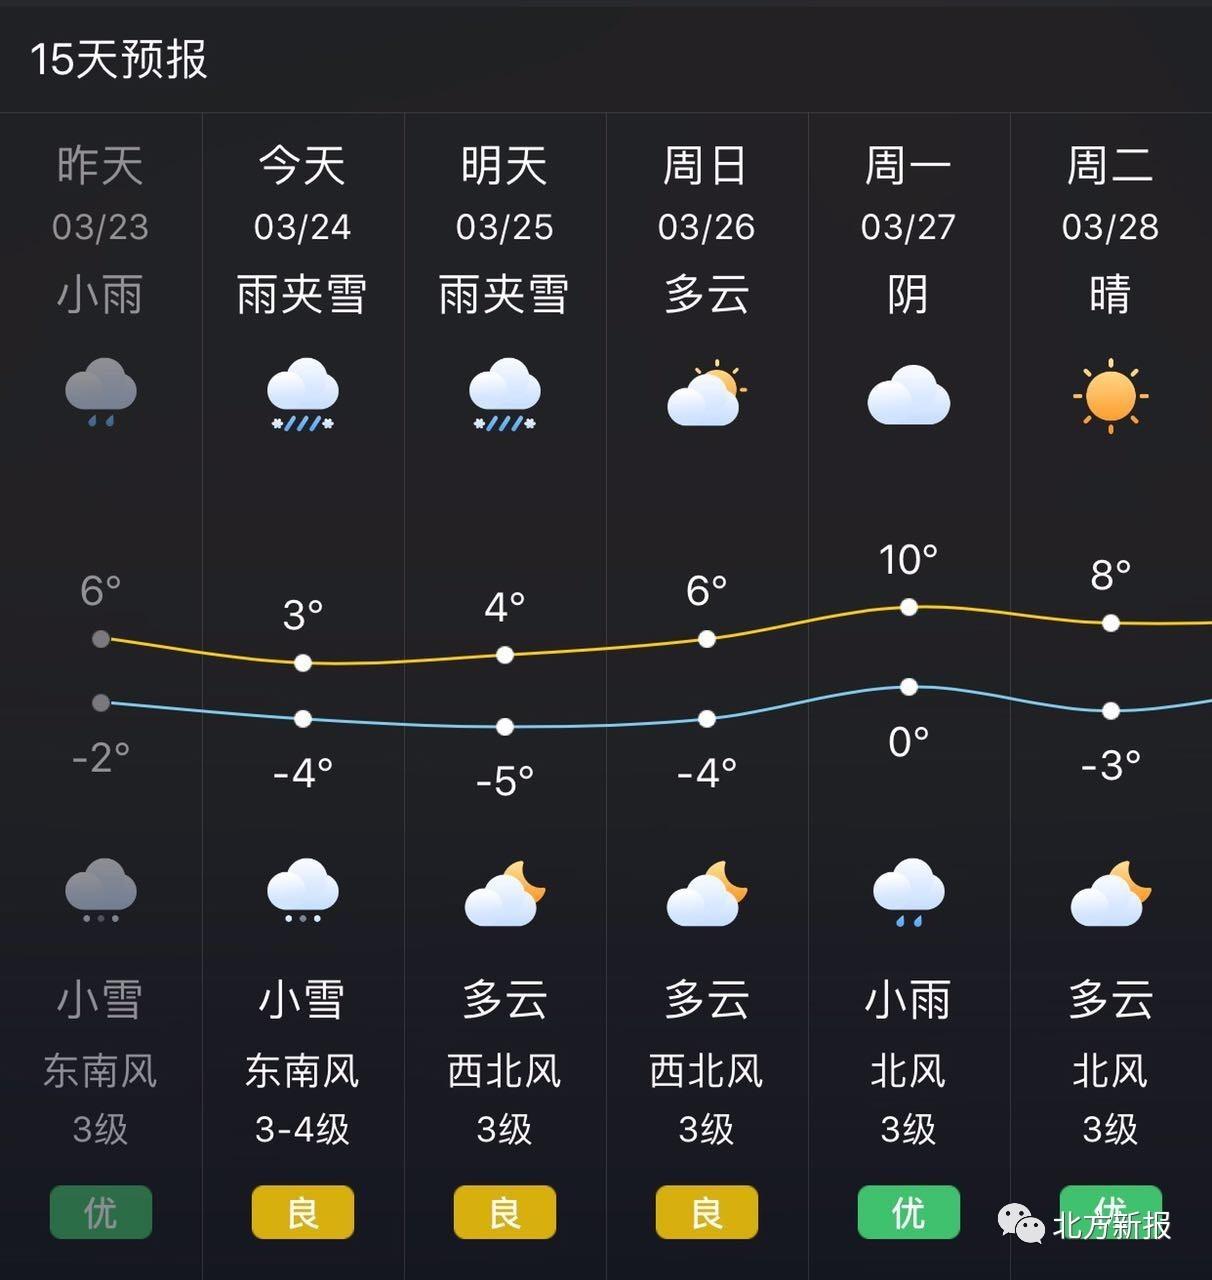 呼和浩特市未来几日天气预报-雪后的呼和浩特又霸屏了,可你最想知